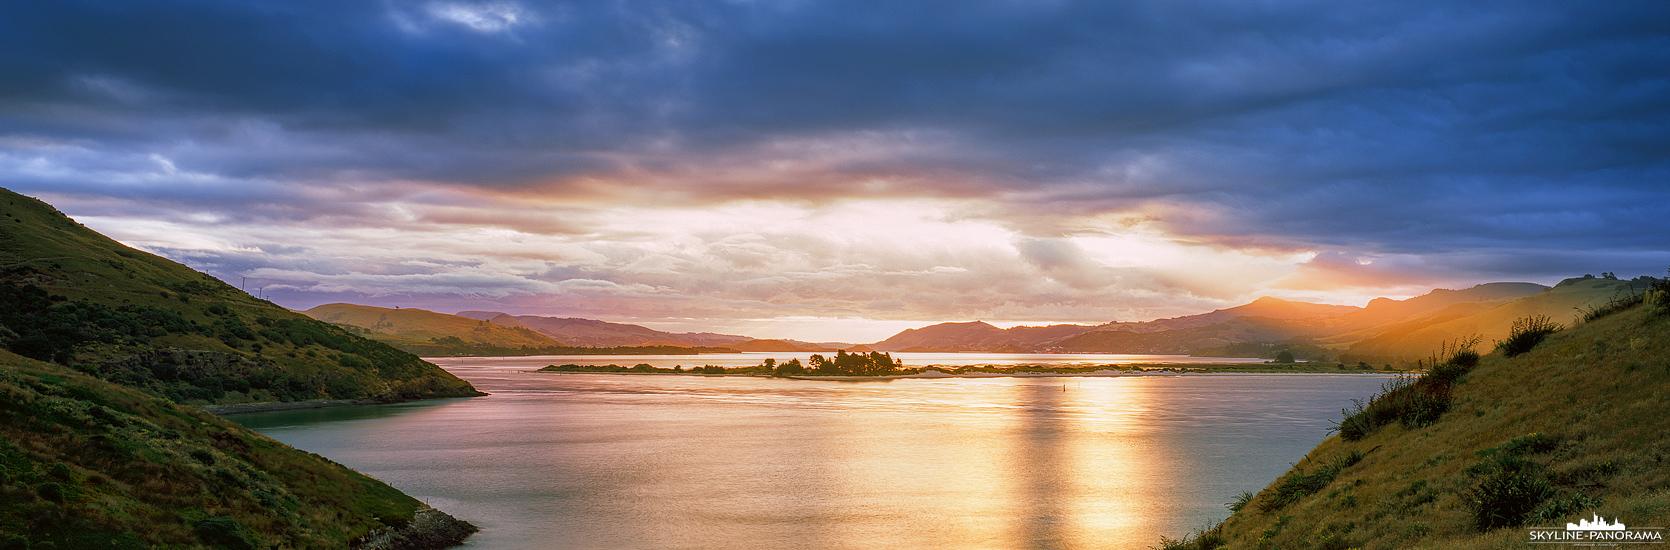 Südinsel von Neuseeland - Dieses Panorama ist zum Sonnenuntergang am Harington Point in Dunedin entstanden. An dieser etwas vorgelagerten Stelle auf der Otago Halbinsel kann man mit etwas Glück Pinguine, Seelöwen und Albatrosse beobachten.